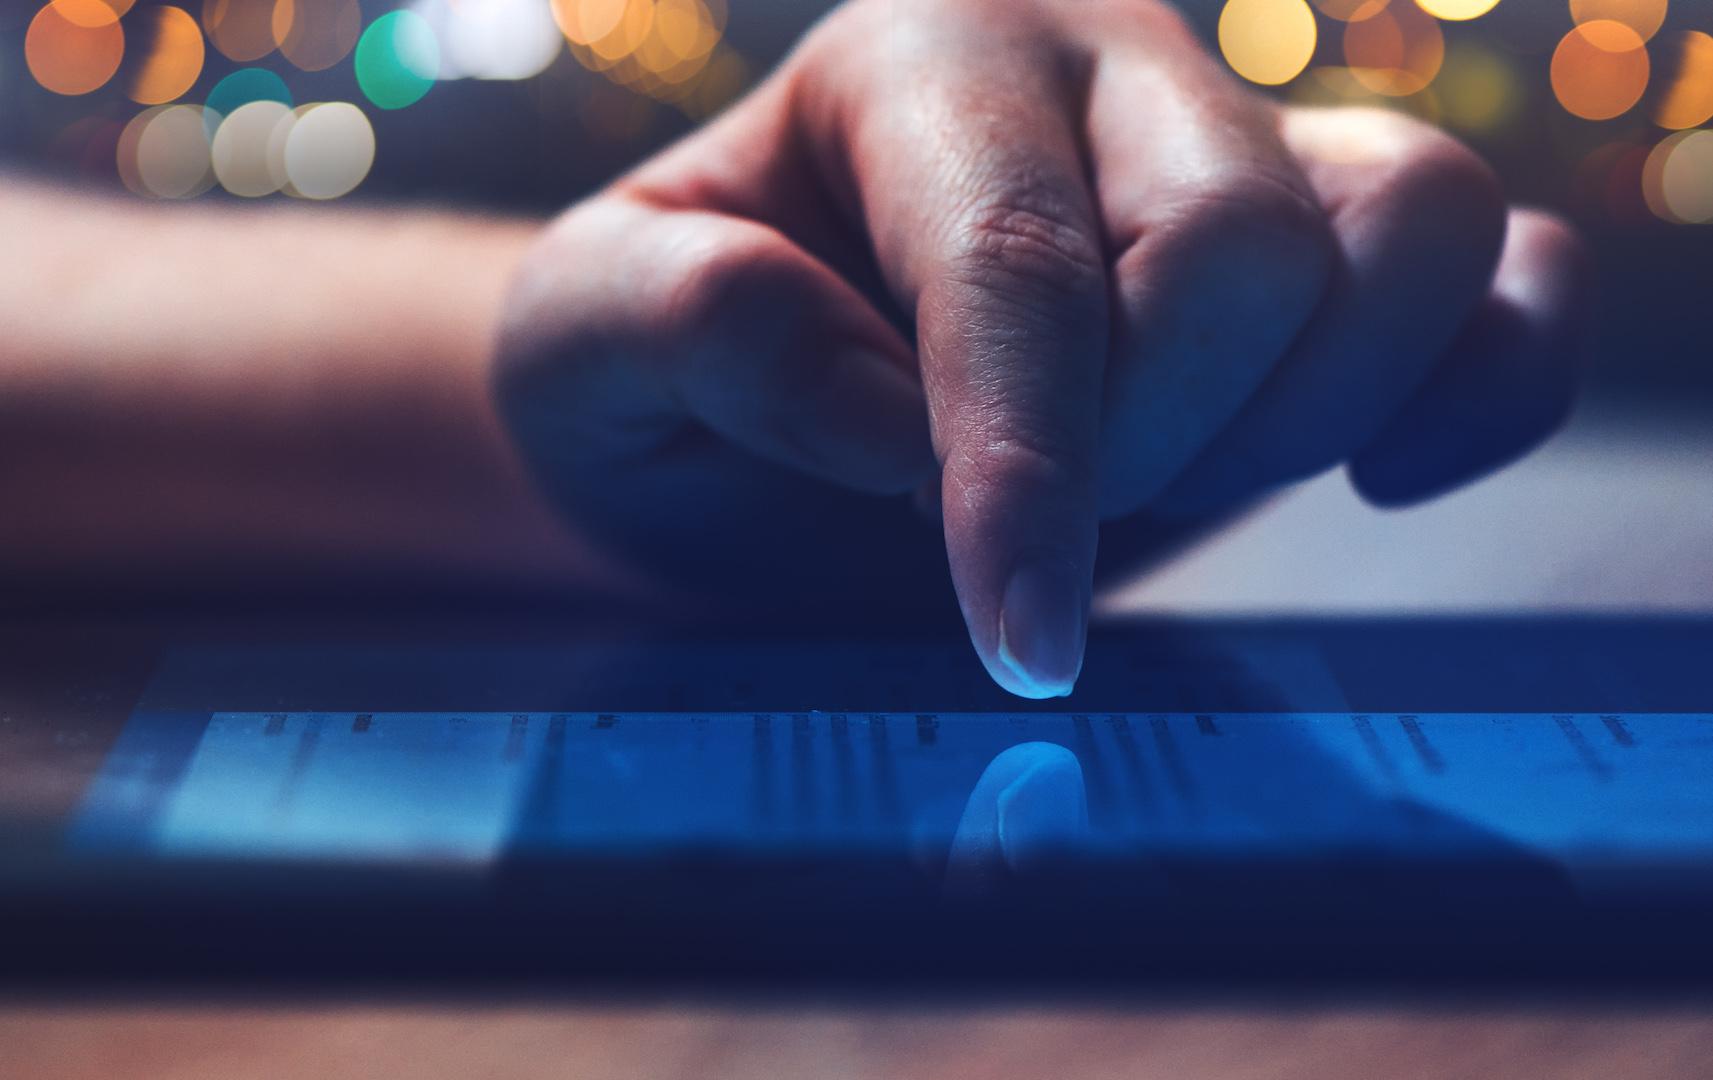 Rejeitar as notícias falsas melhora o ambiente online